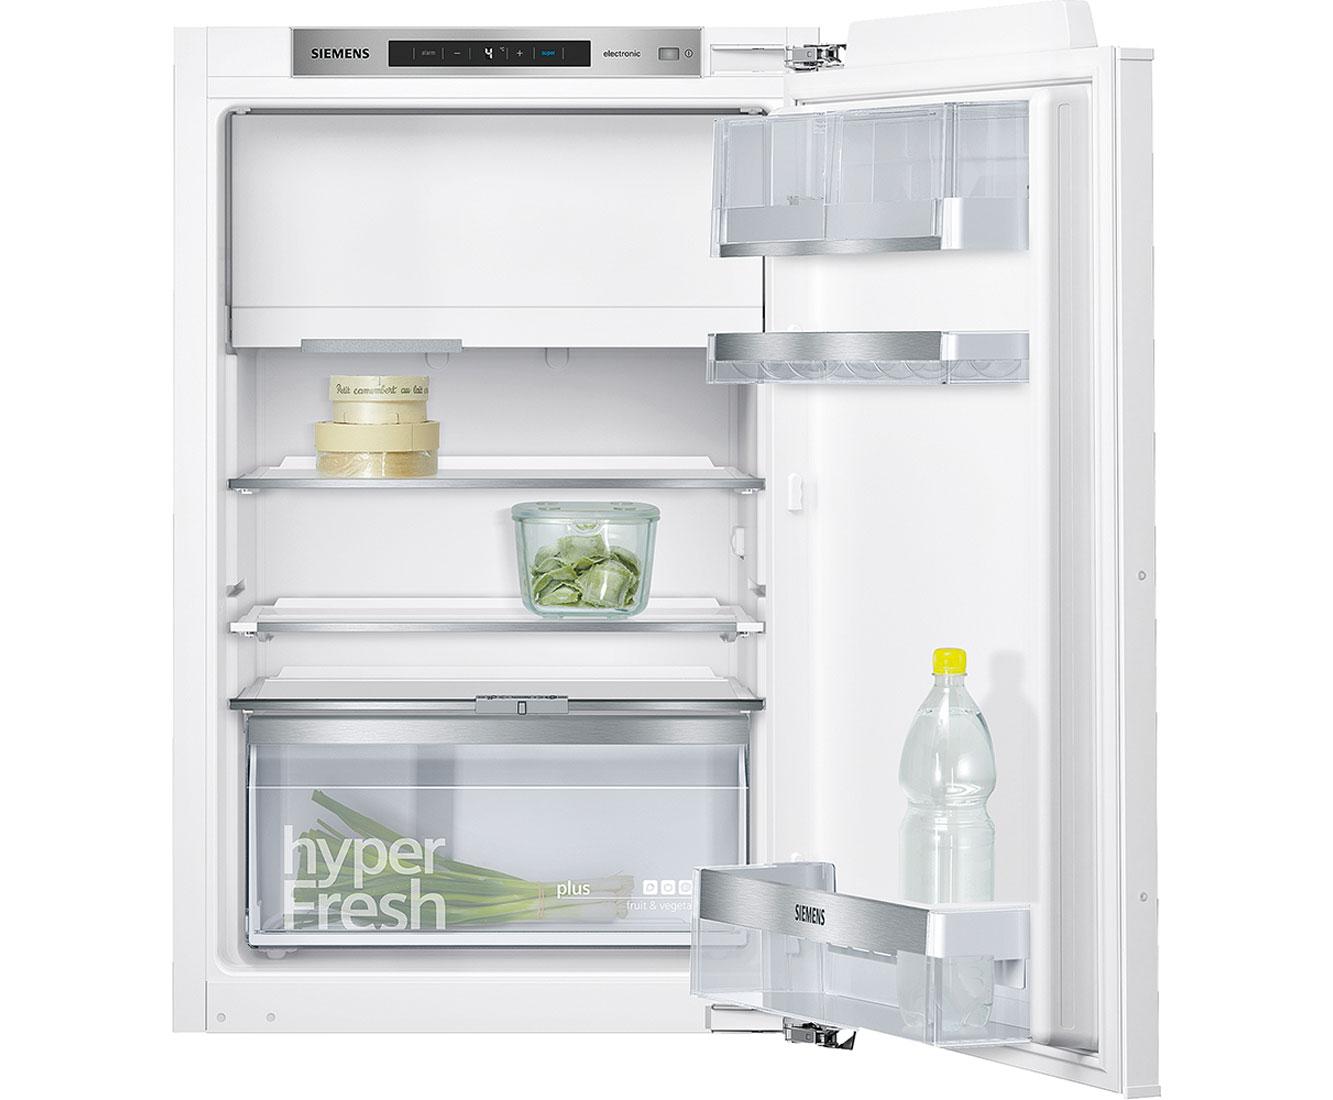 Aeg Kühlschrank Integrierbar 122 Cm : Einbaukühlschränke gefrierfach preisvergleich u2022 die besten angebote